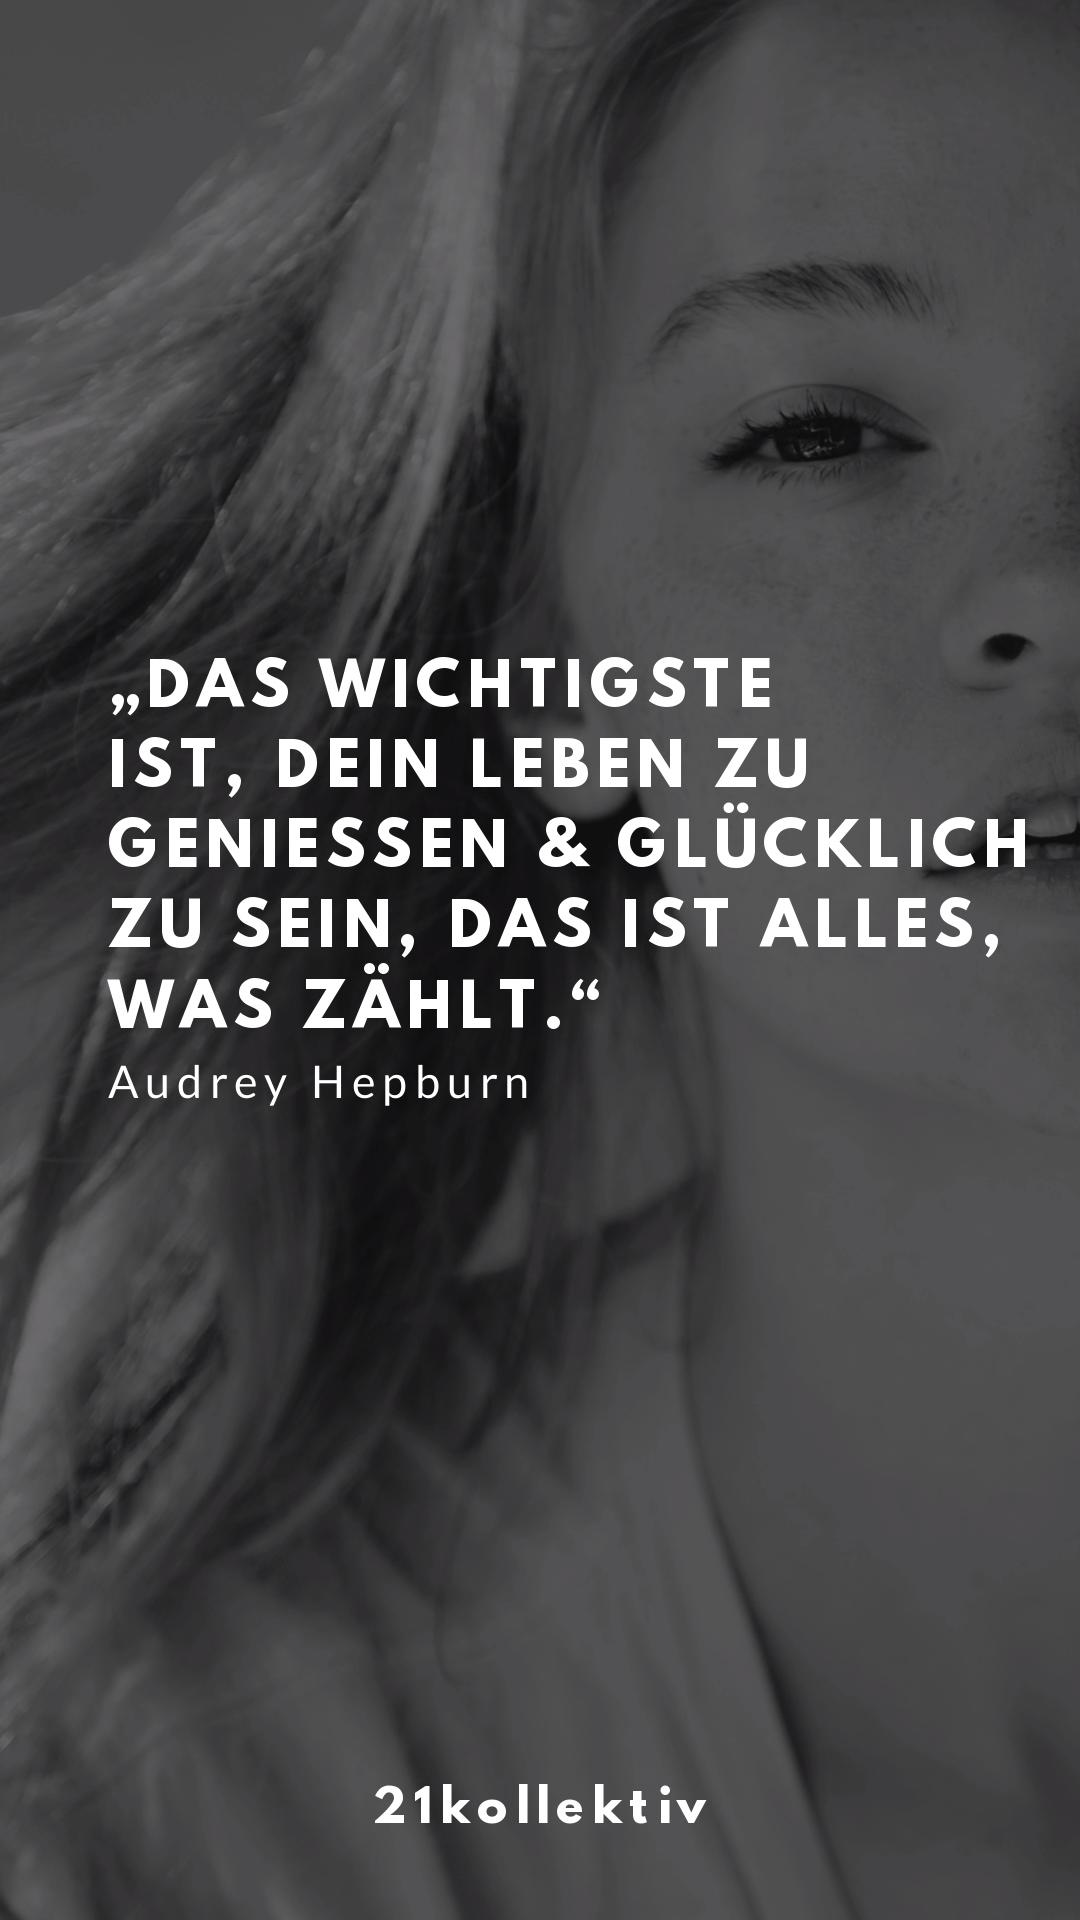 Audrey Hepburn ist eine weibliche Ikone, ein tolles Vorbild und Inspiration für unzählige Frauen. Dieser Artikel ist eine Hommage an diesen tollen Mensch. Erfahre hier 12 spannende Audrey-Fakten, die kaum einer kennt, und lies inspirierende, zeitlose Zitate.  Ohne Frage,... Audrey hatte ein interessantes Leben.